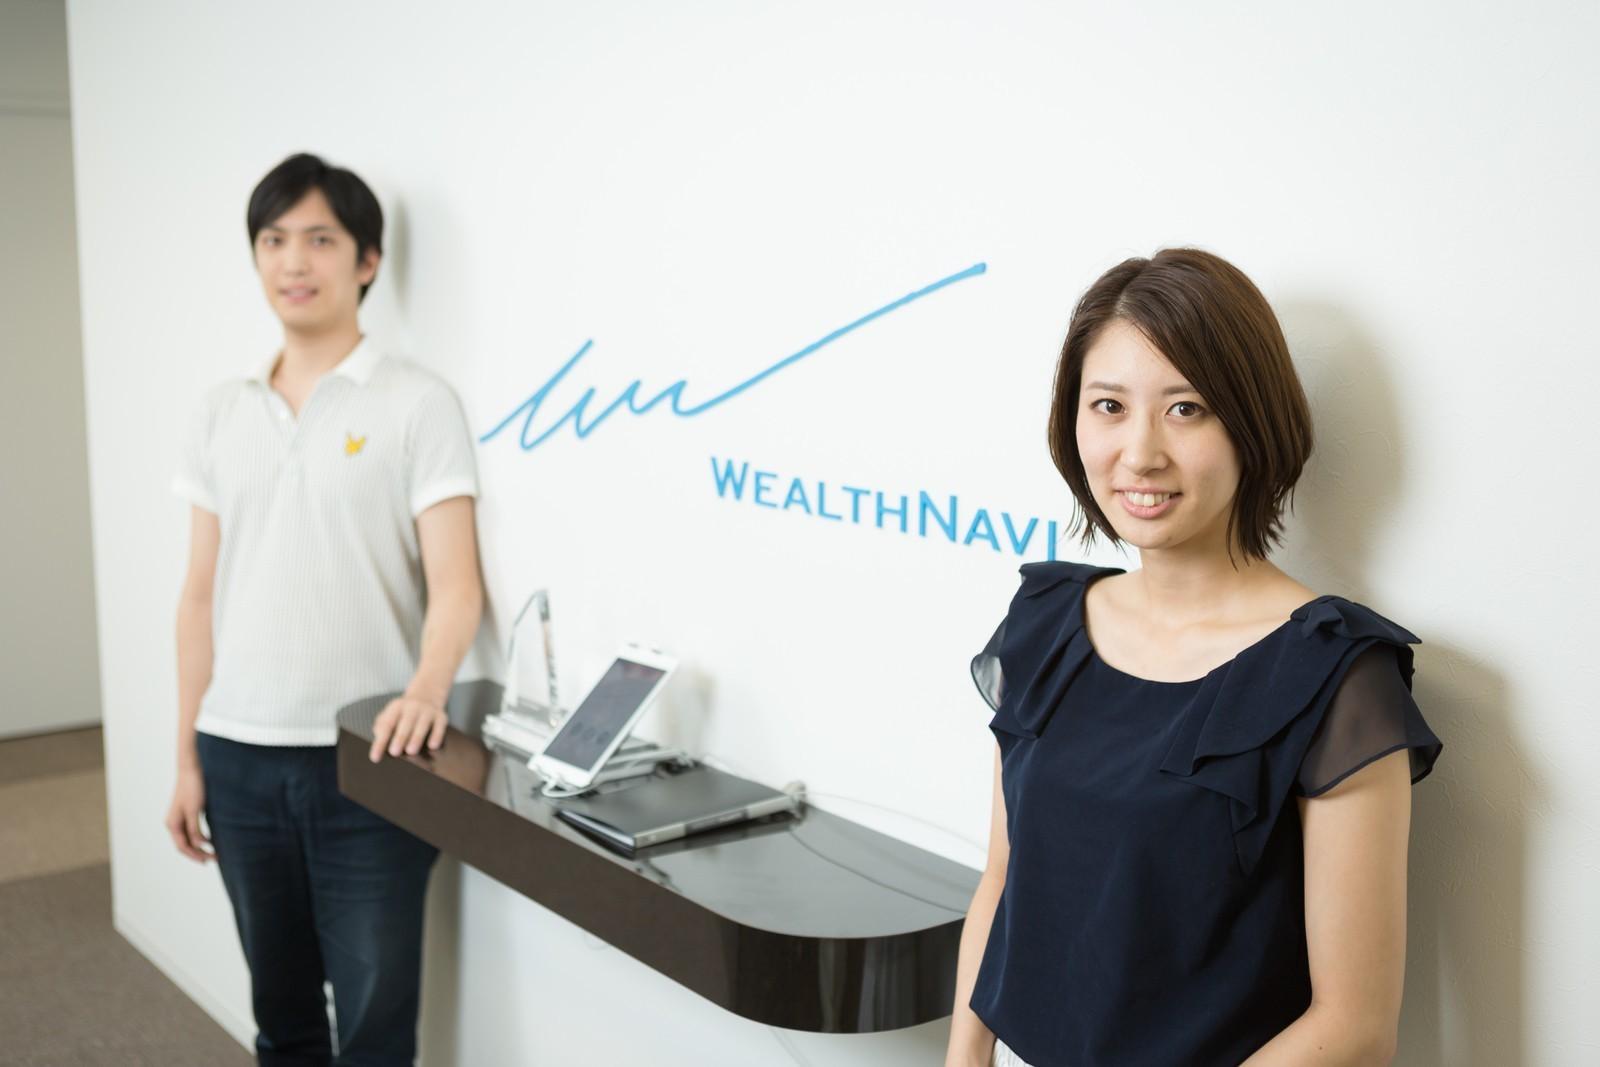 世界水準の資産運用とリスク管理をすべての人に。次世代金融サービス「WealthNavi」を開発するAndroidエンジニアを募集!